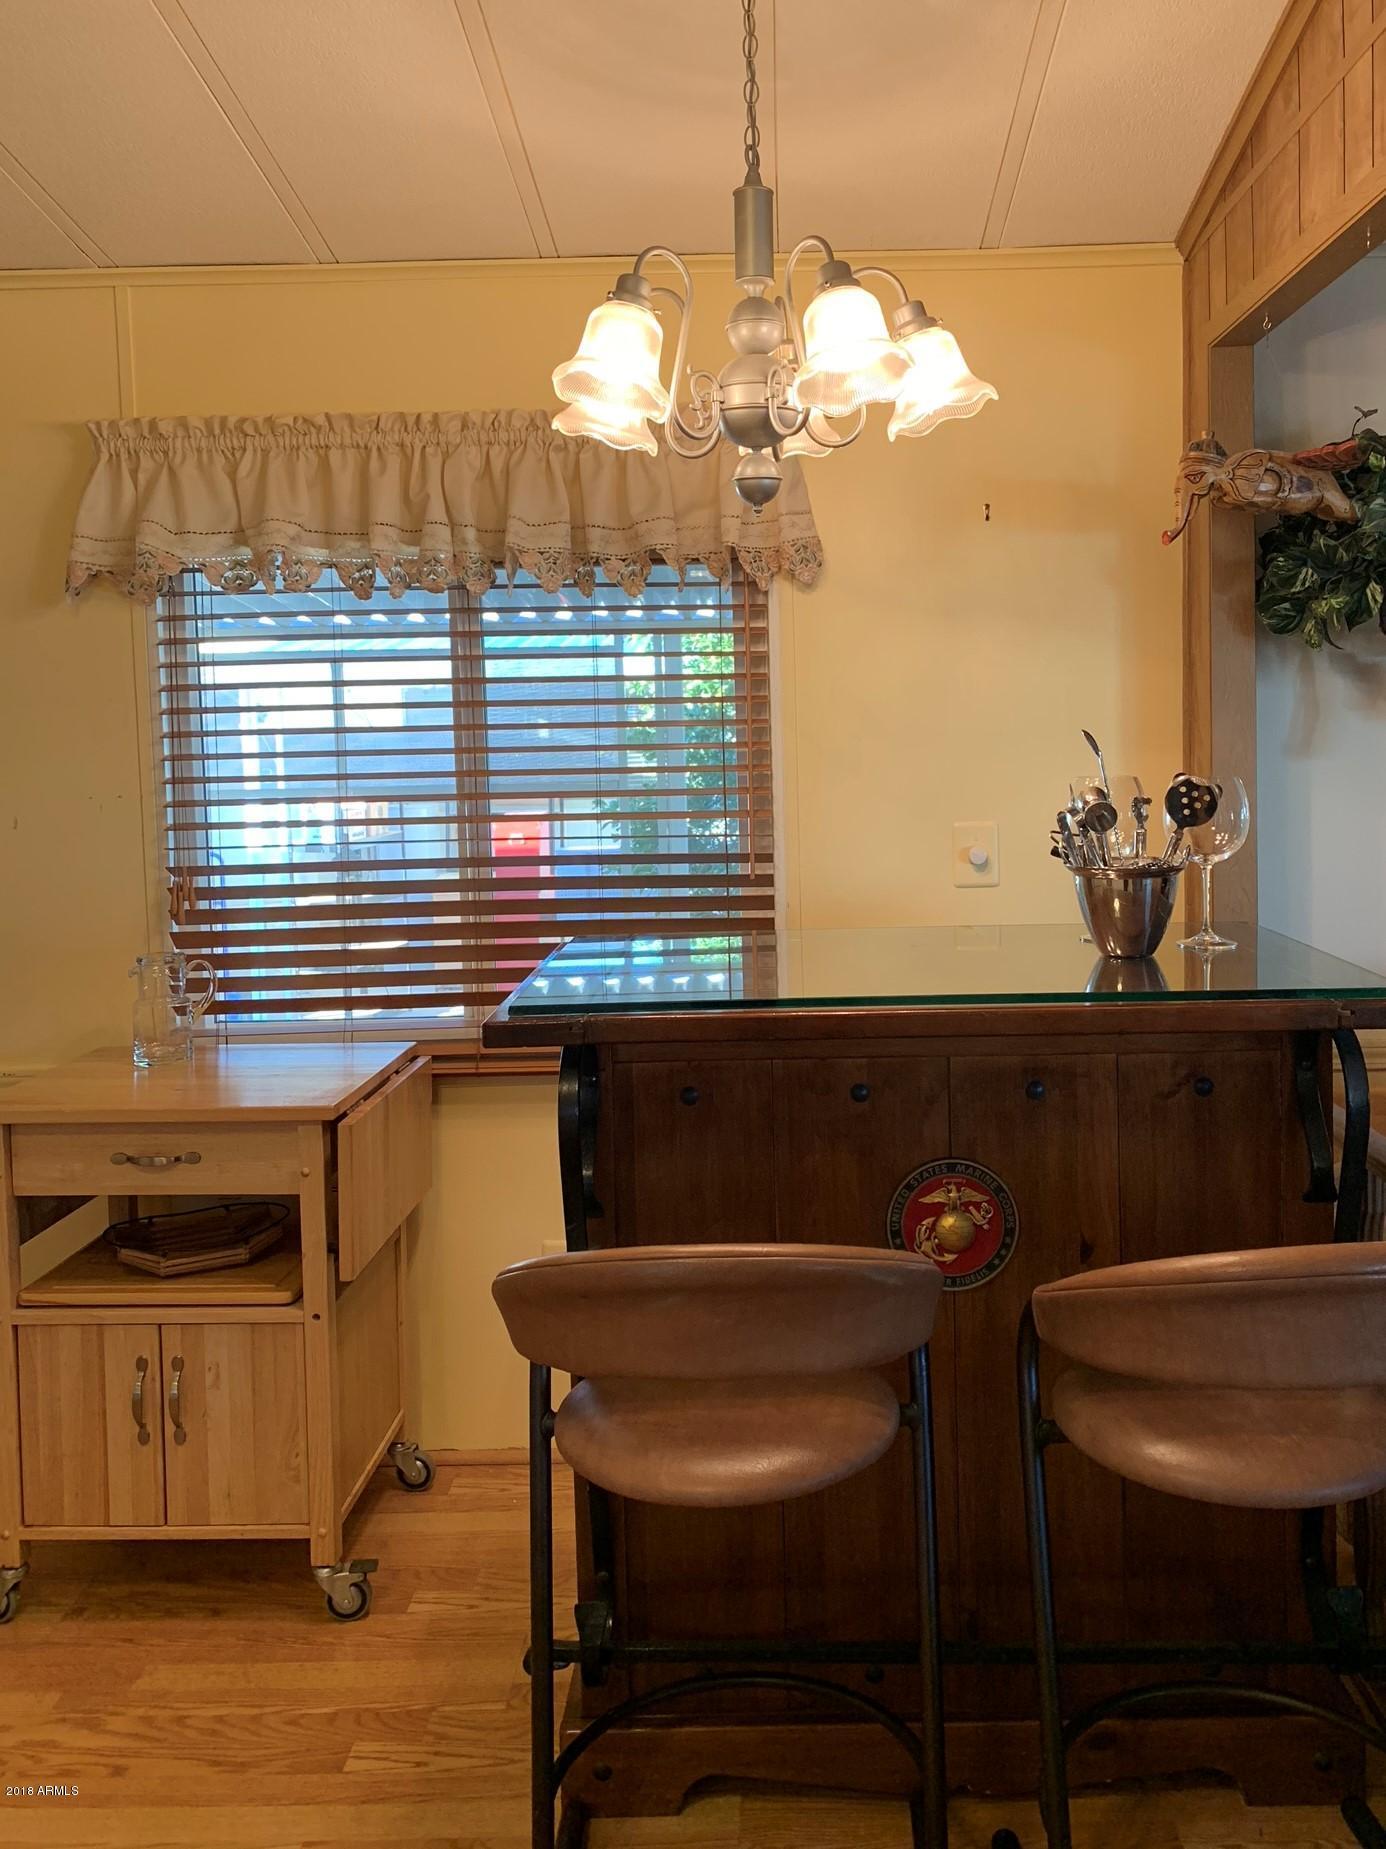 MLS 5861462 450 W SUNWEST Drive Unit 30, Casa Grande, AZ 85122 Casa Grande AZ Affordable